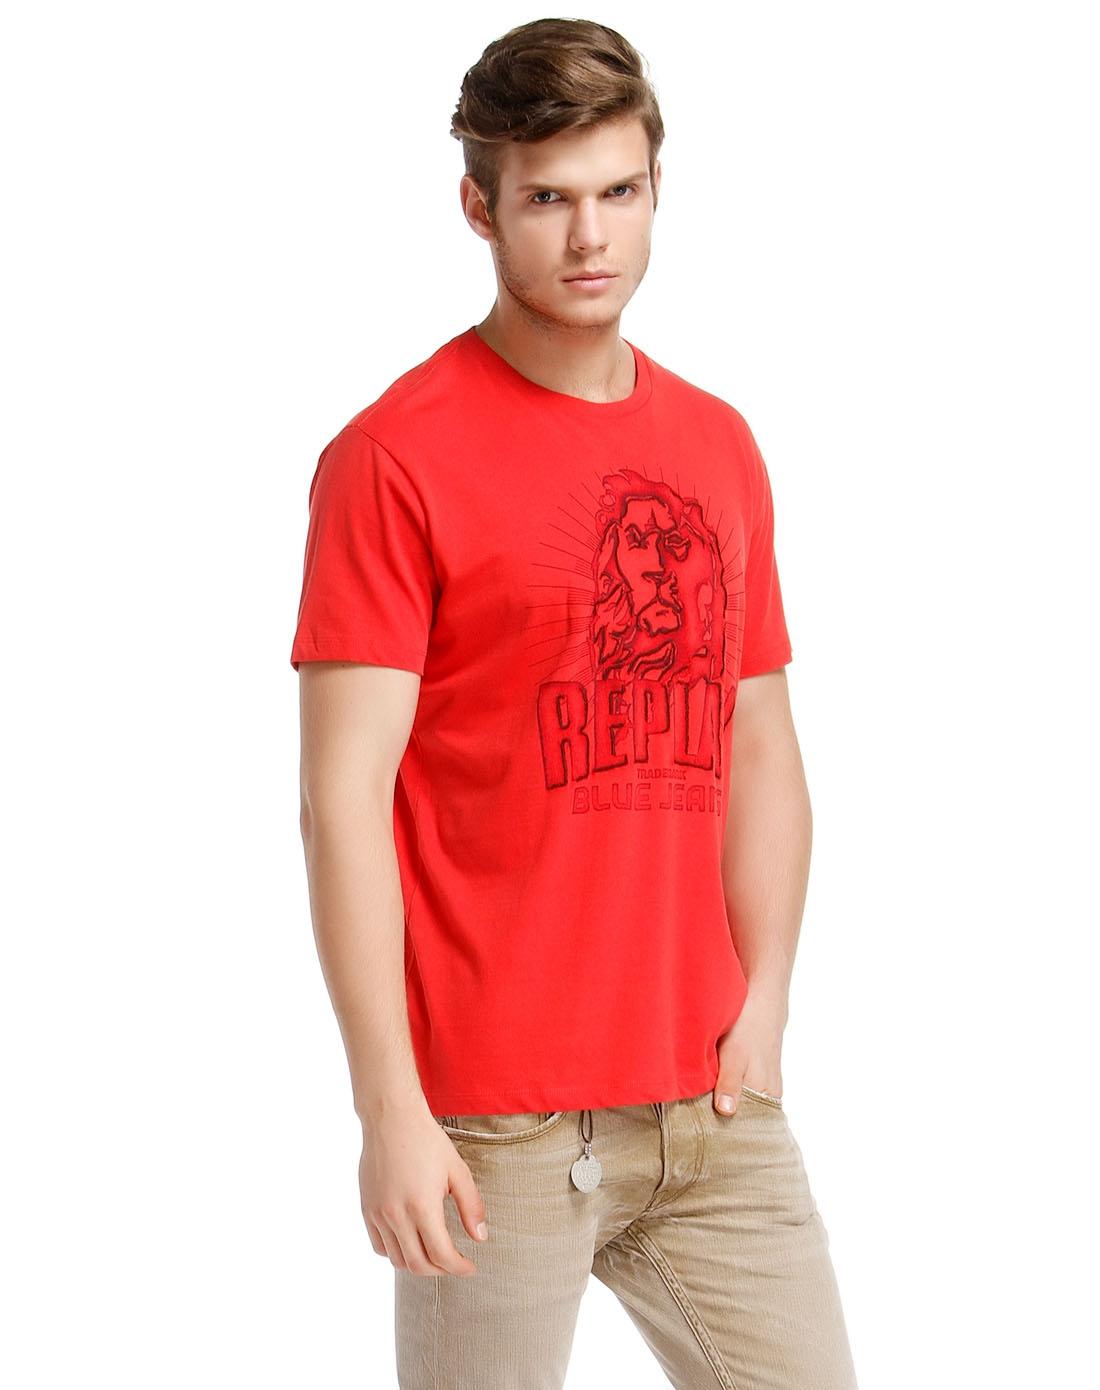 狮子绣图红色短袖t恤